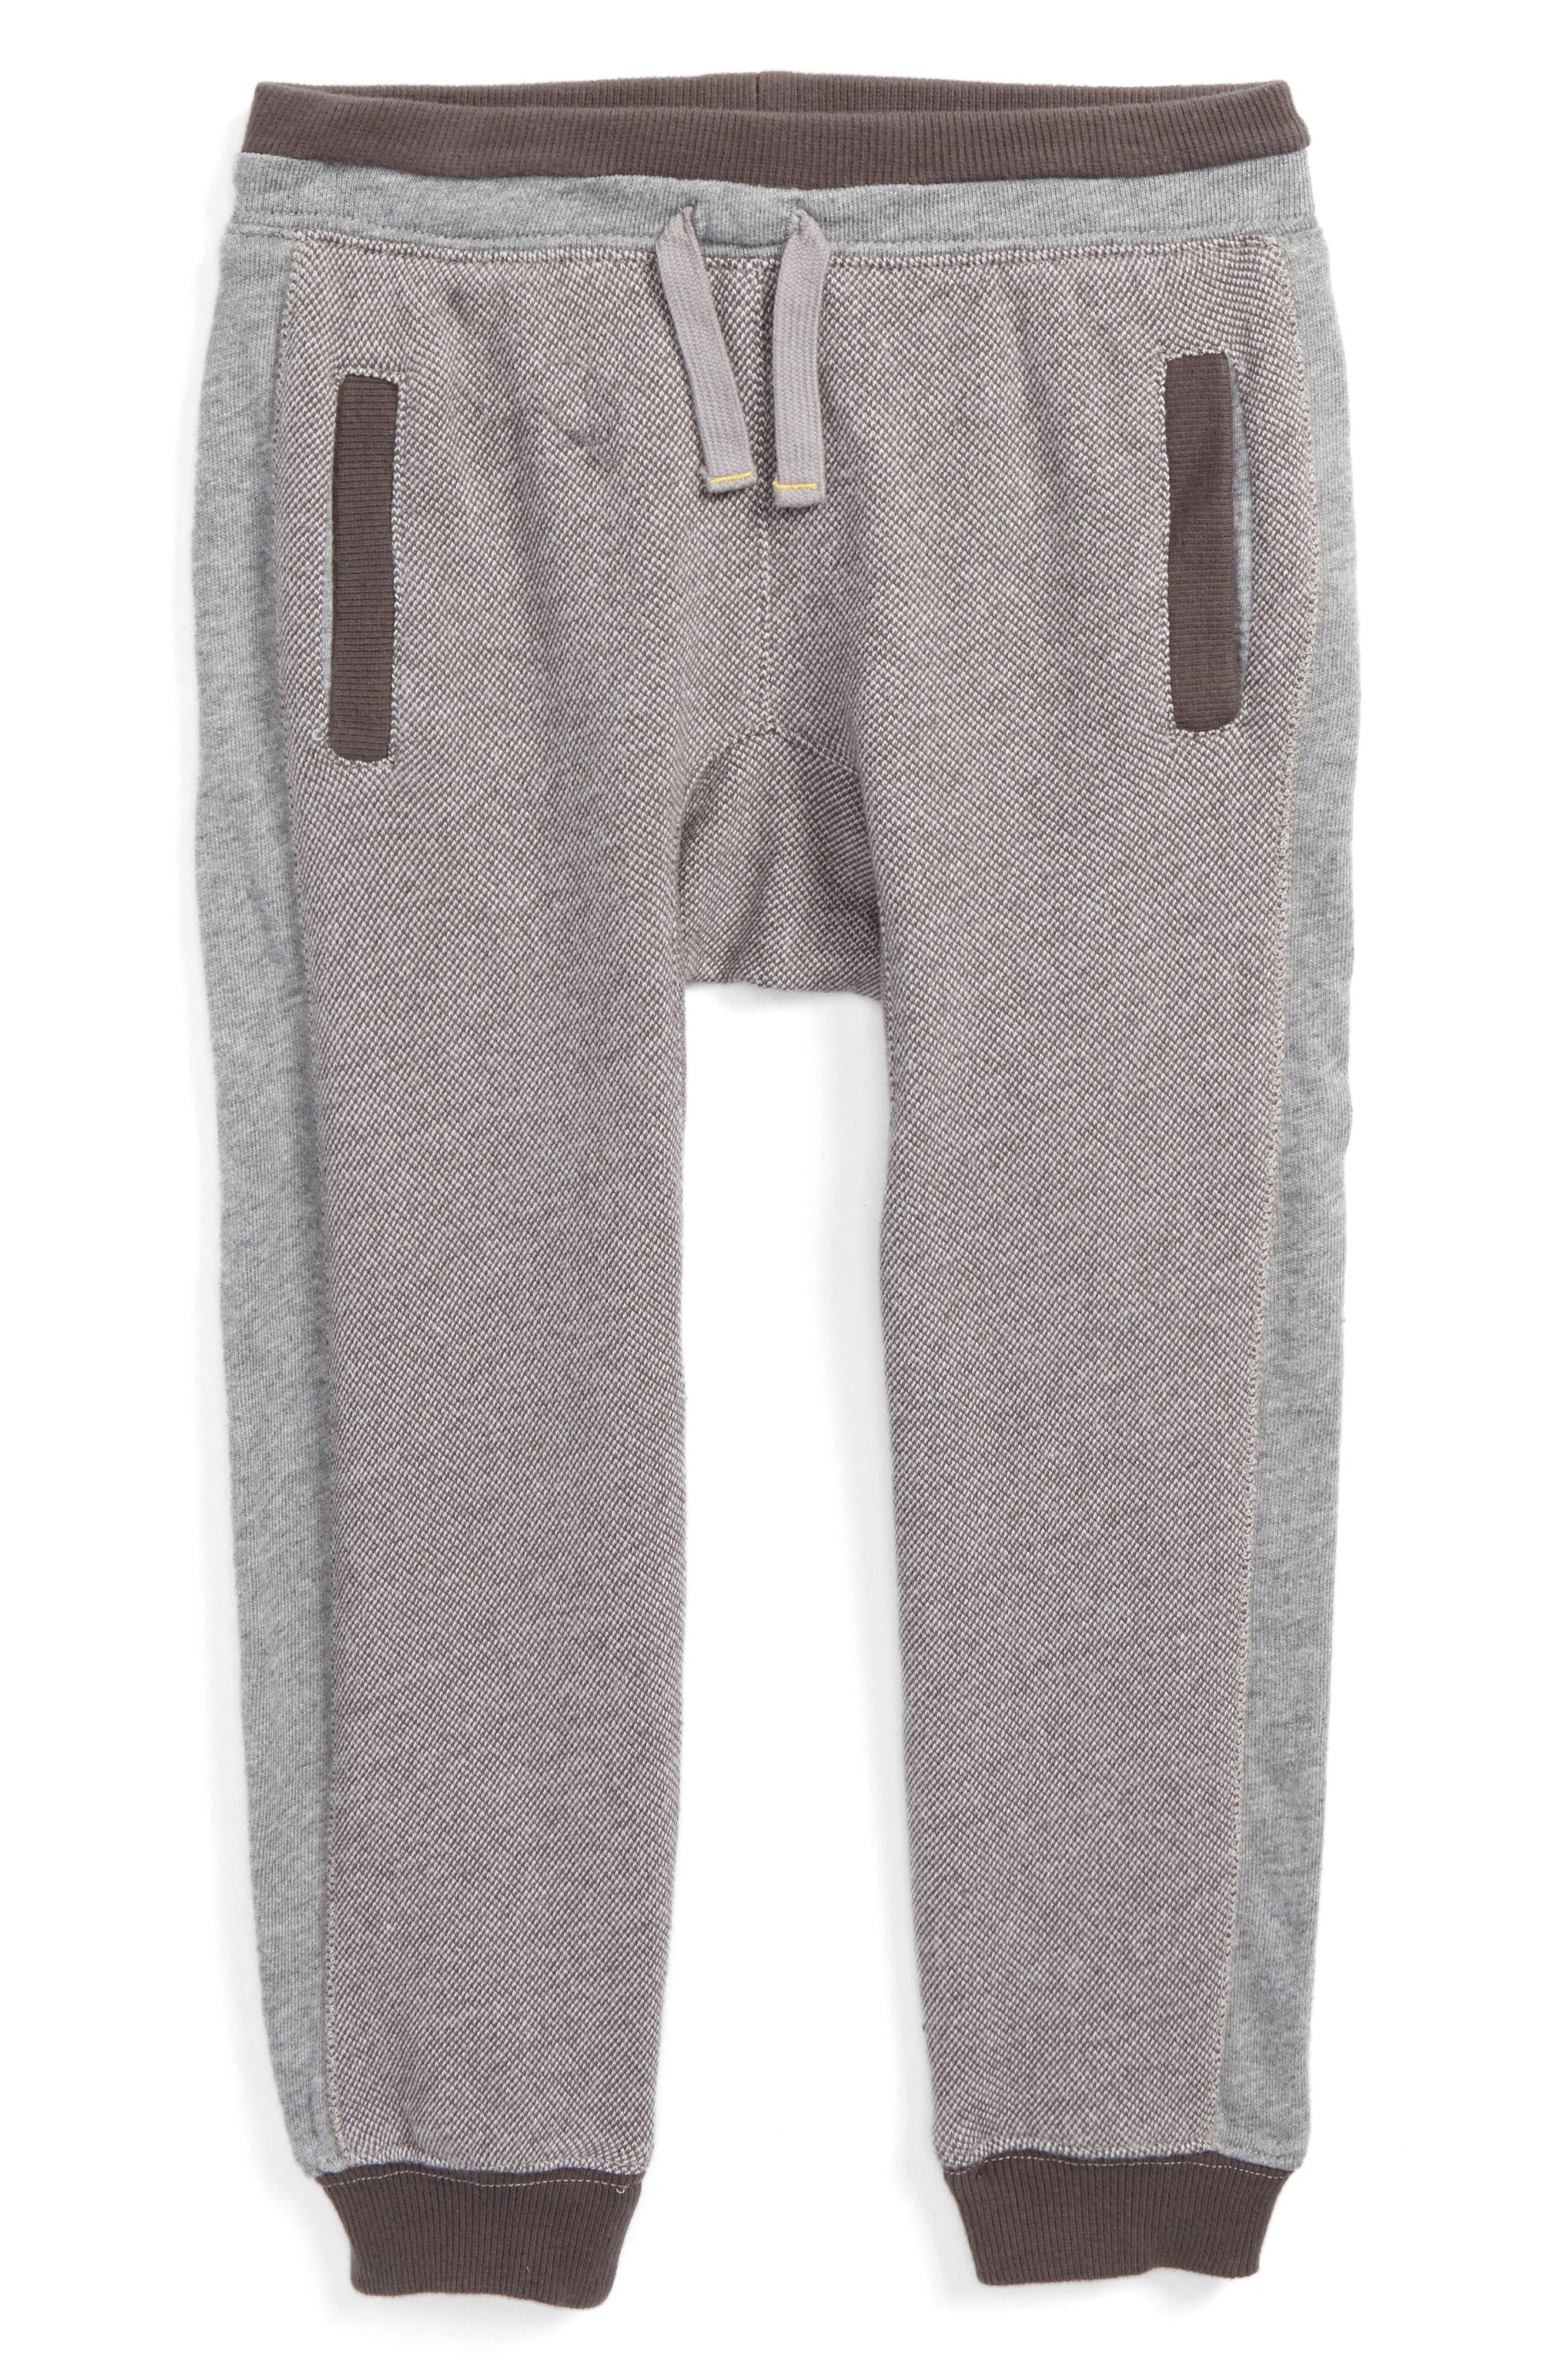 SPLENDID Birdseye Knit Jogger Pants